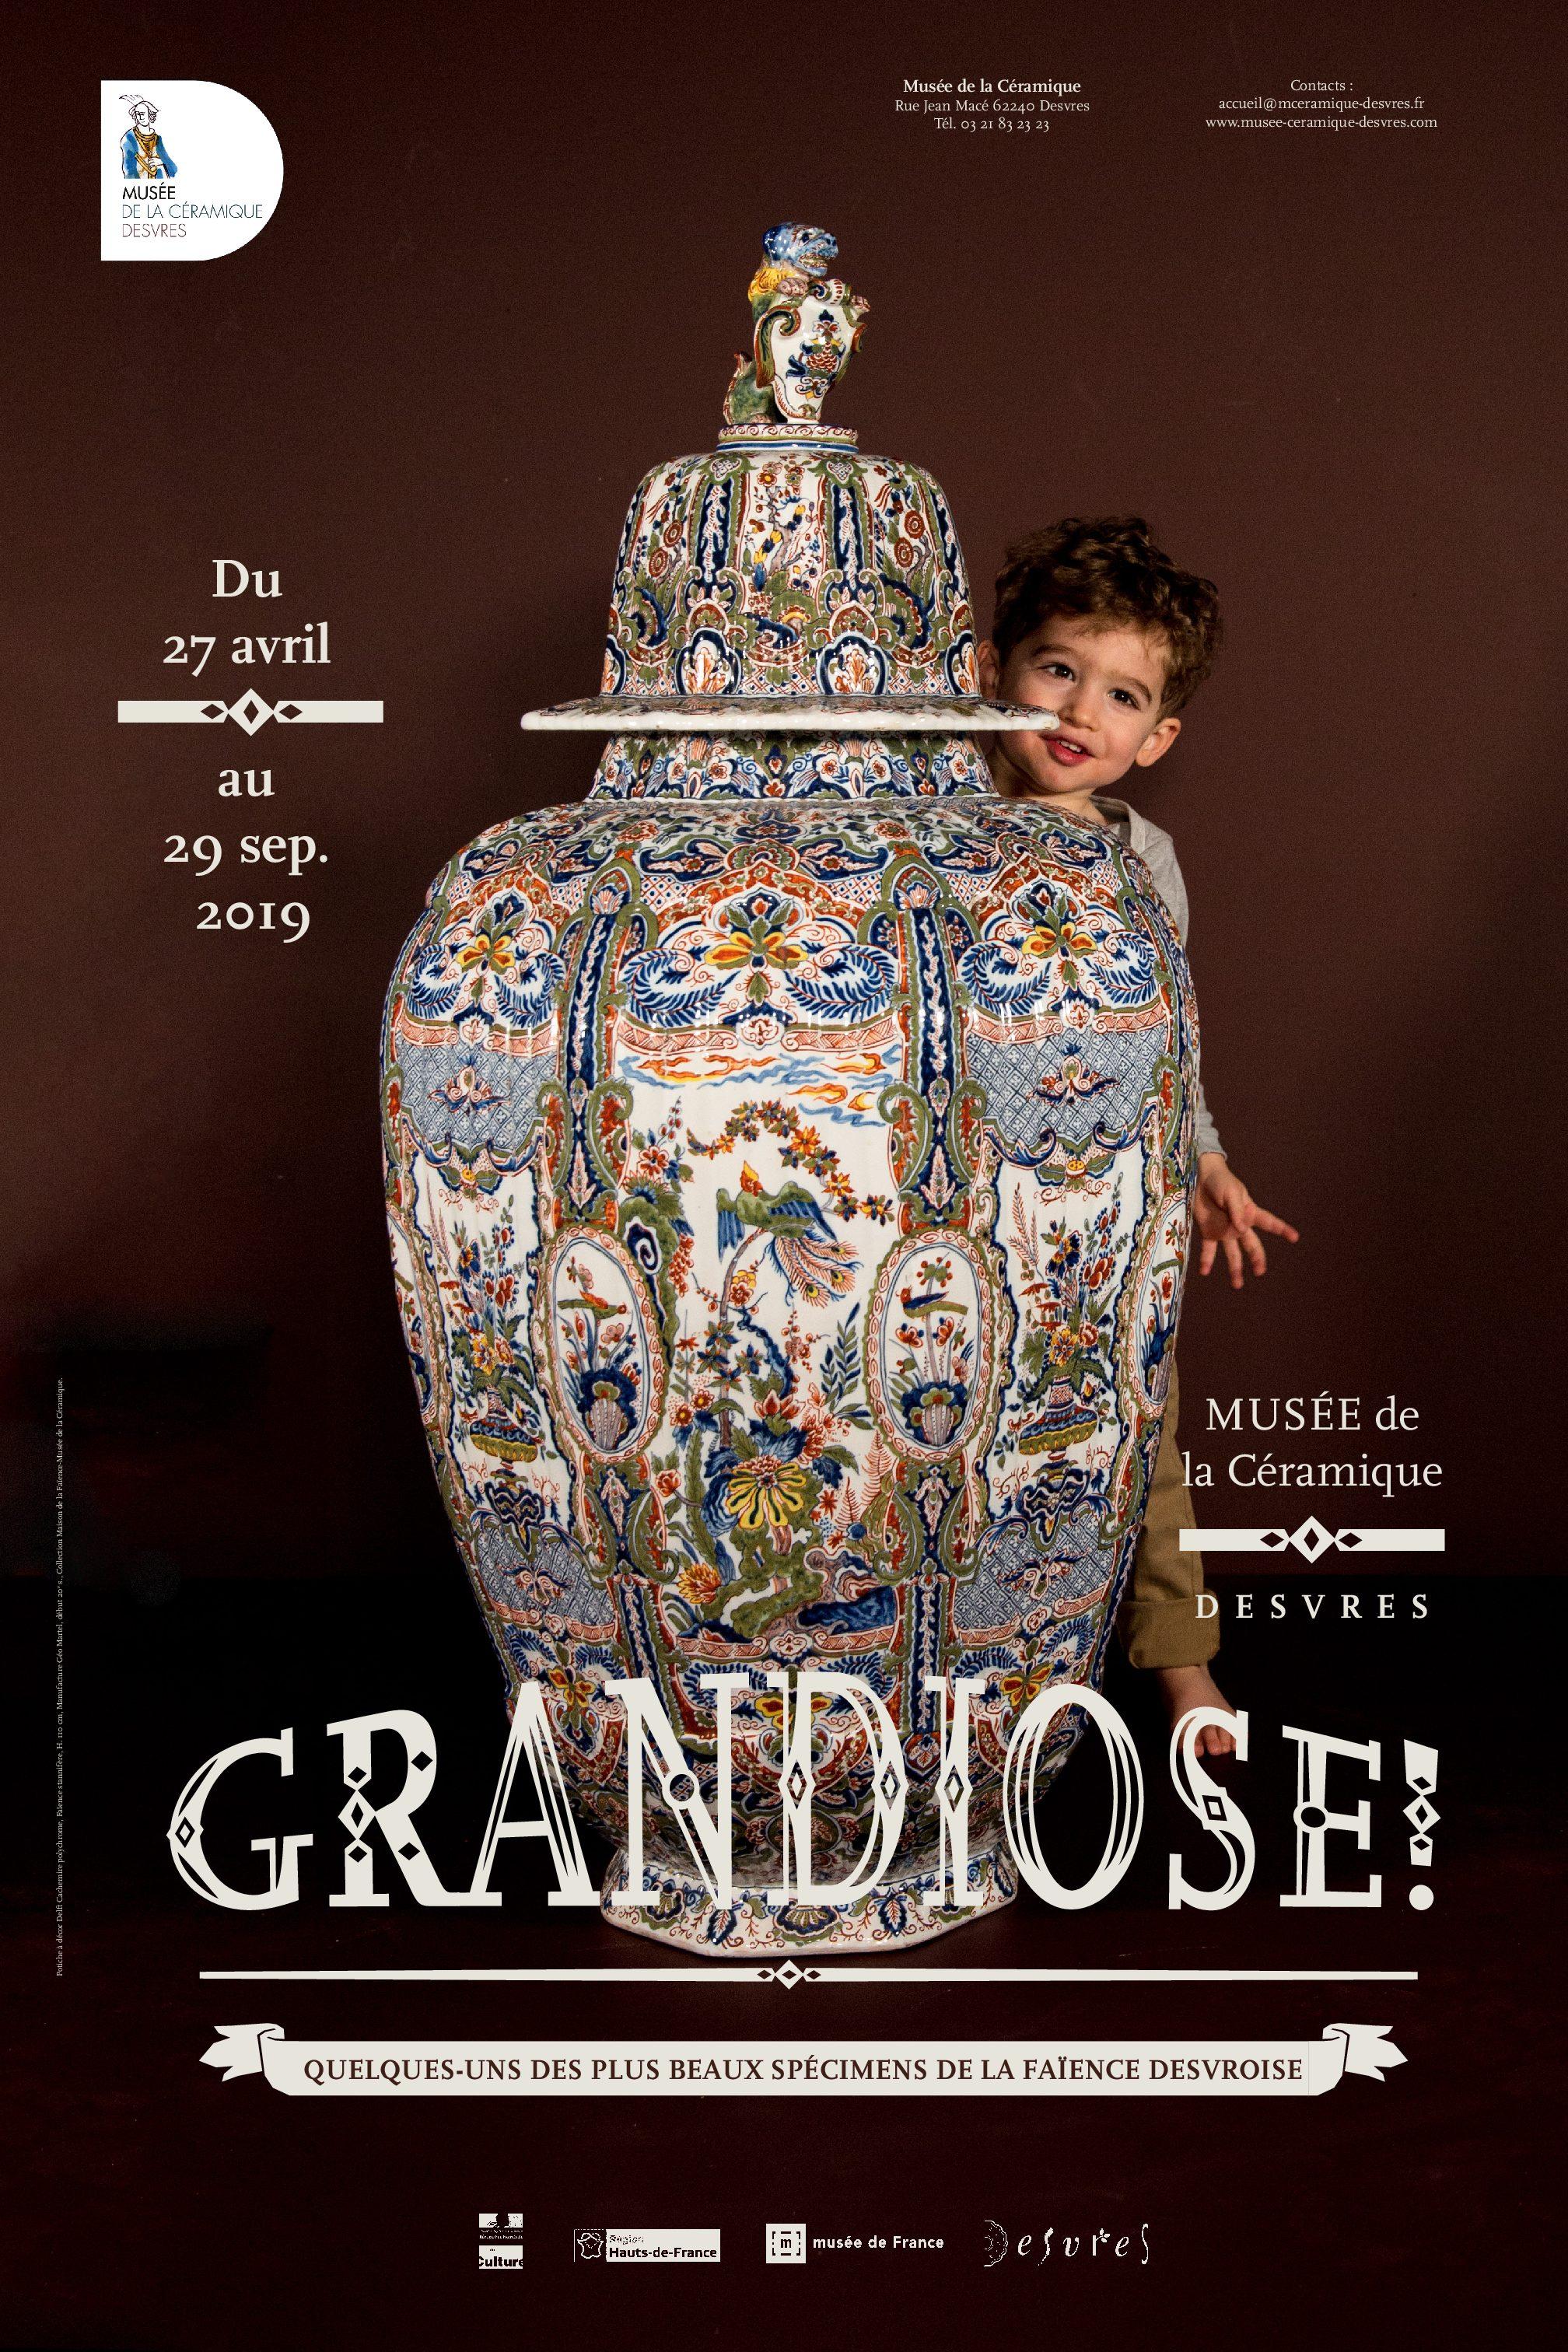 GRANDIOSE!